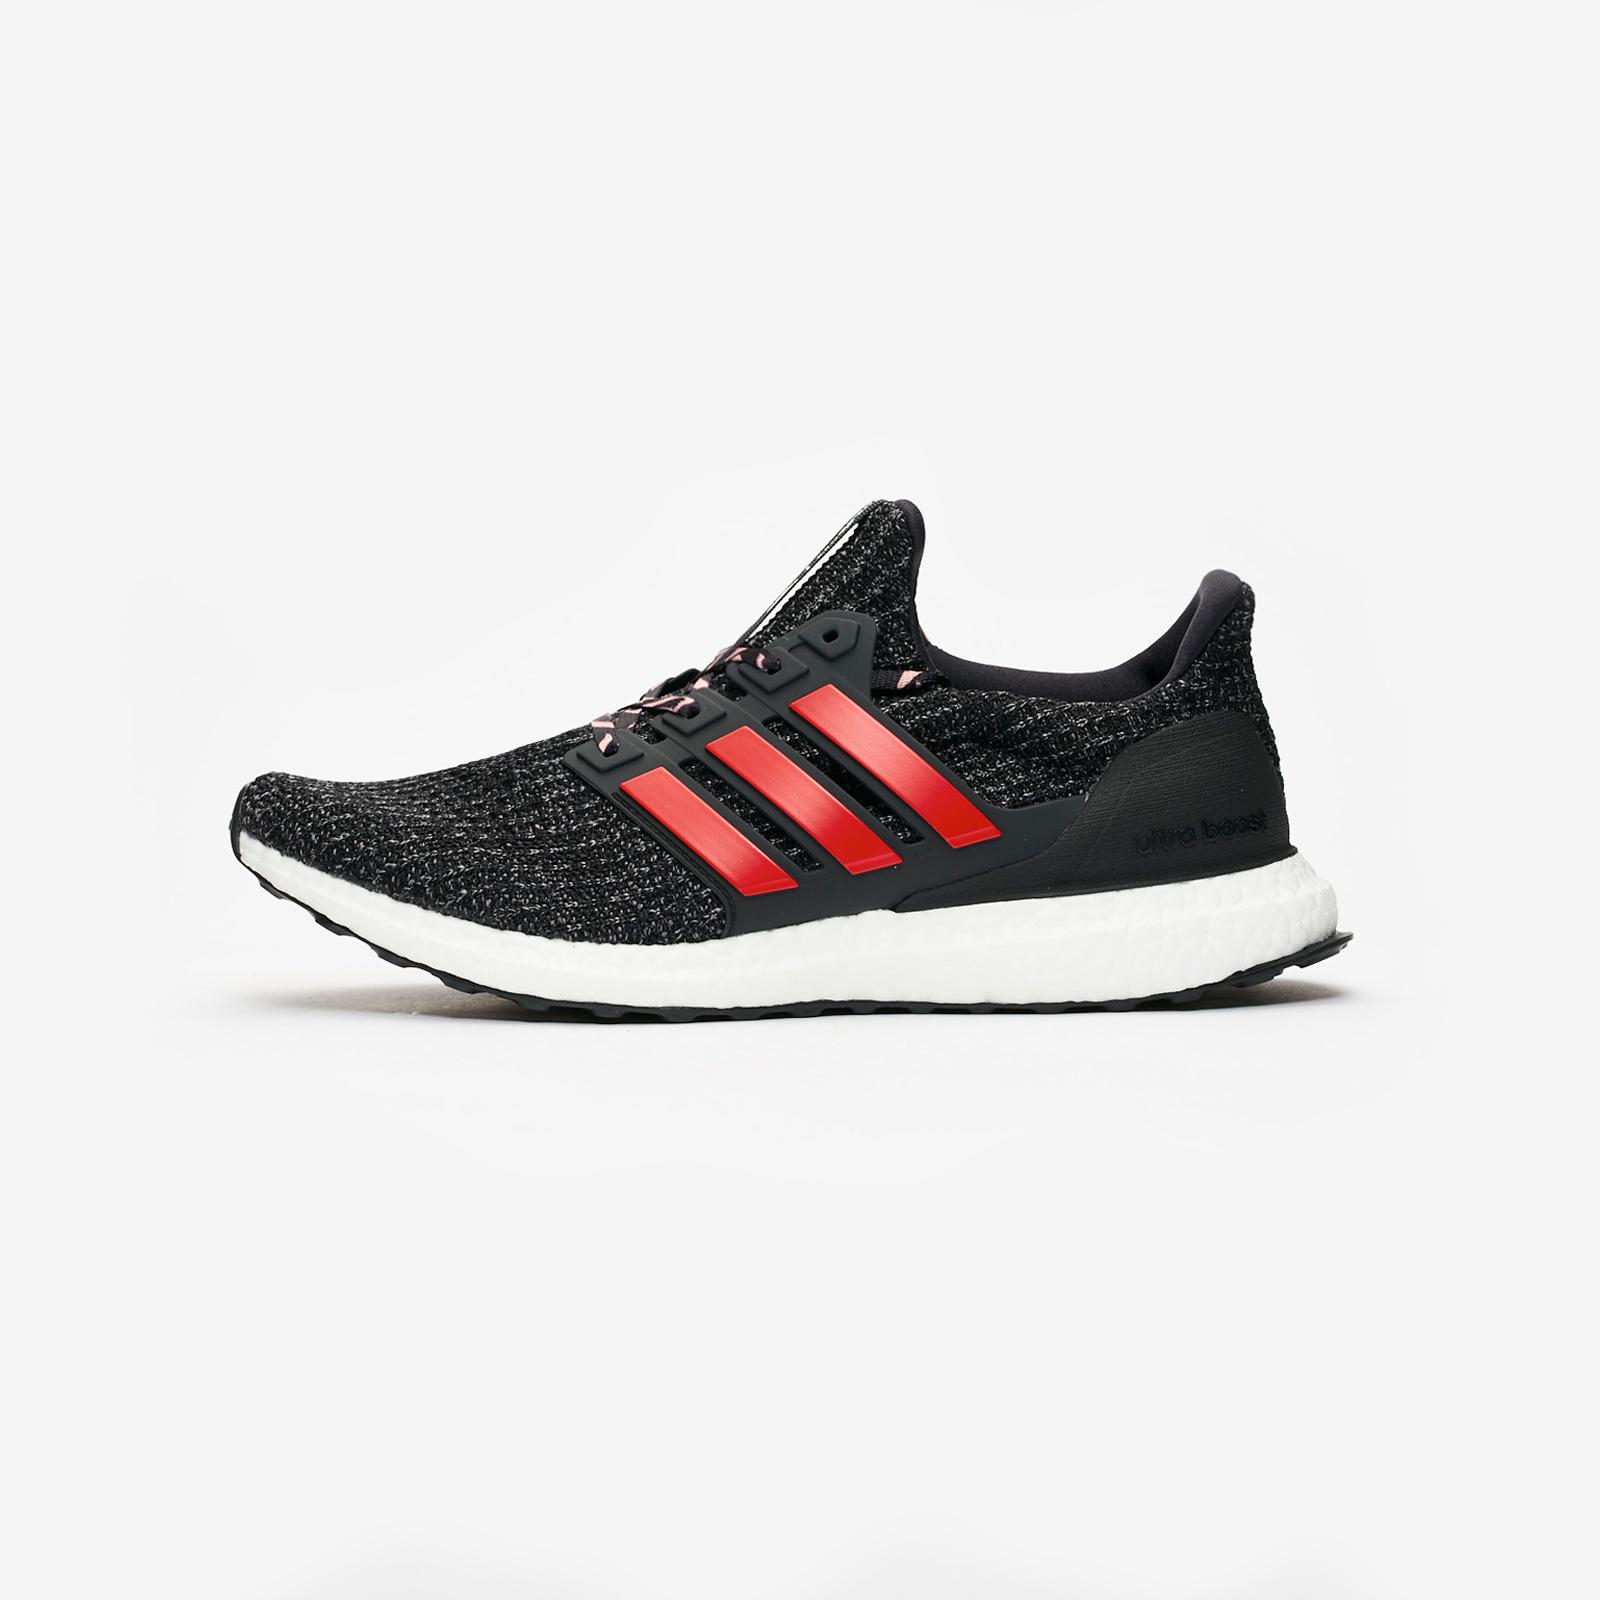 96627b167 adidas Ultraboost - F35231 - Sneakersnstuff